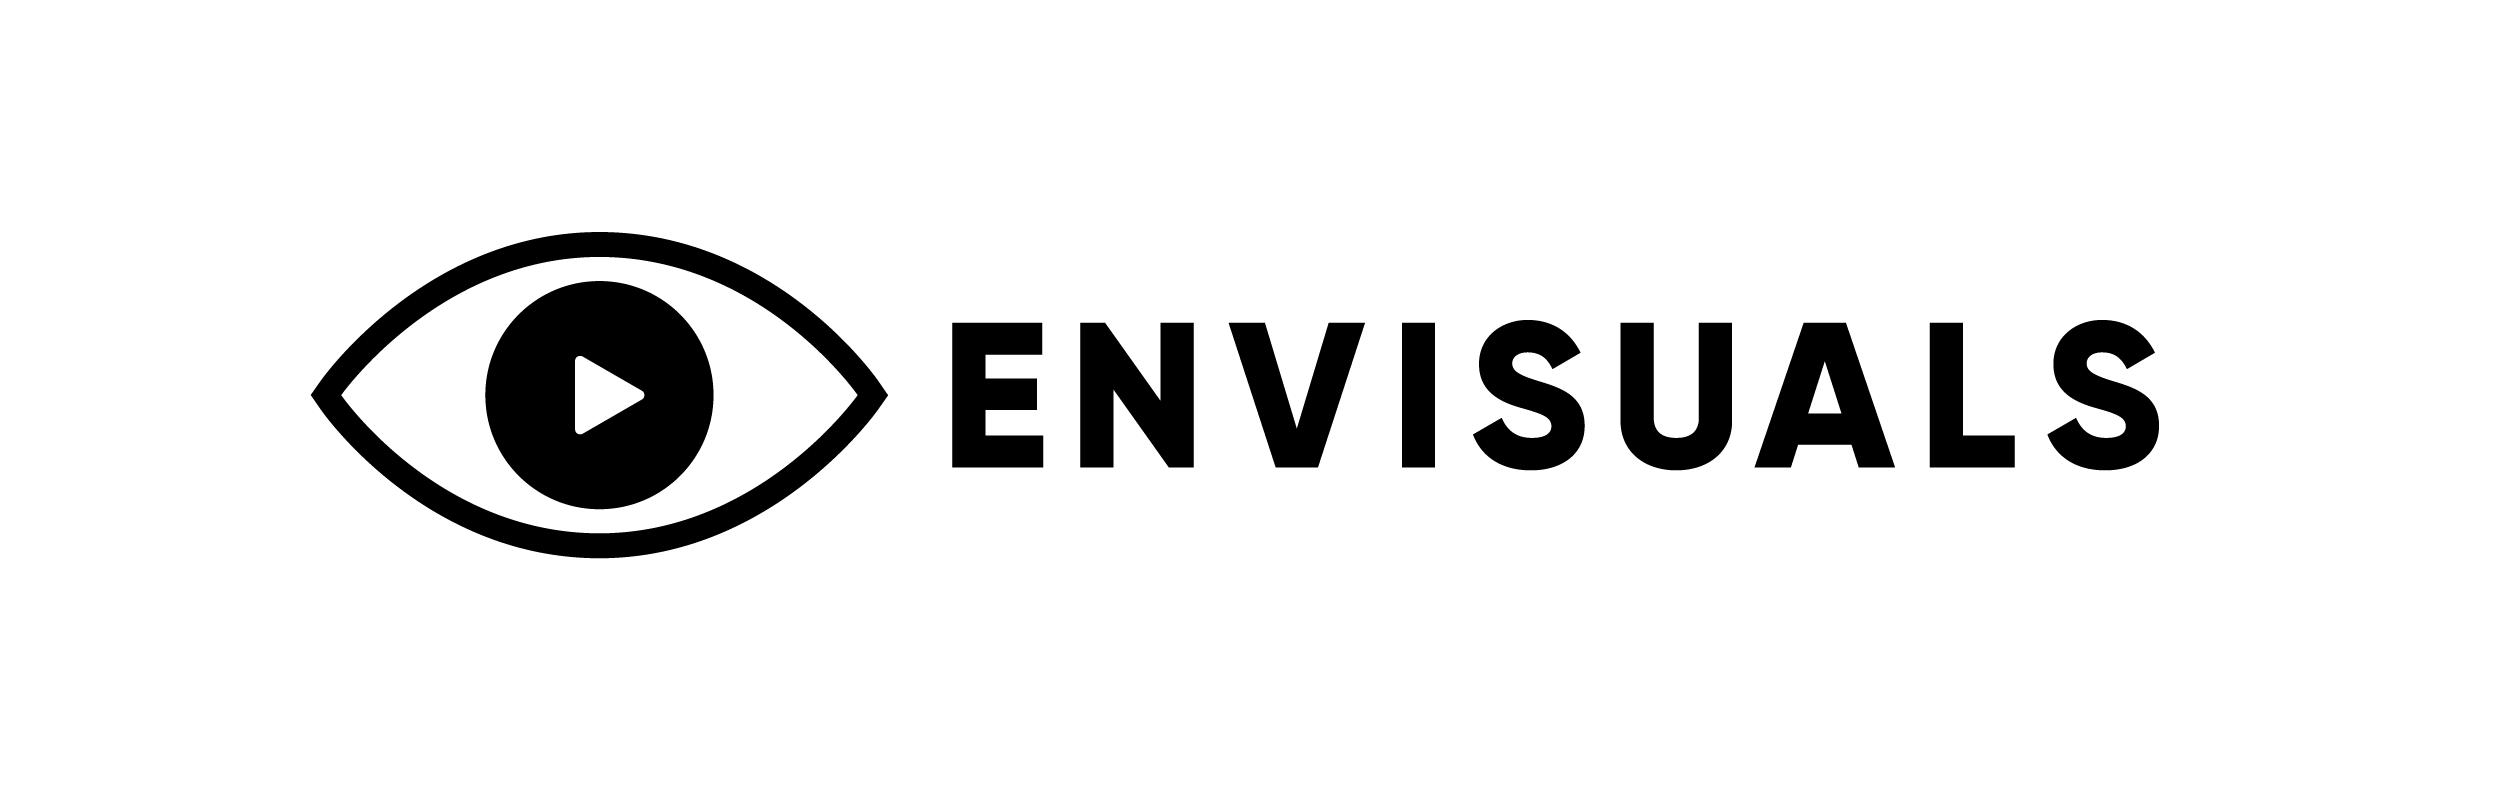 Envisuals